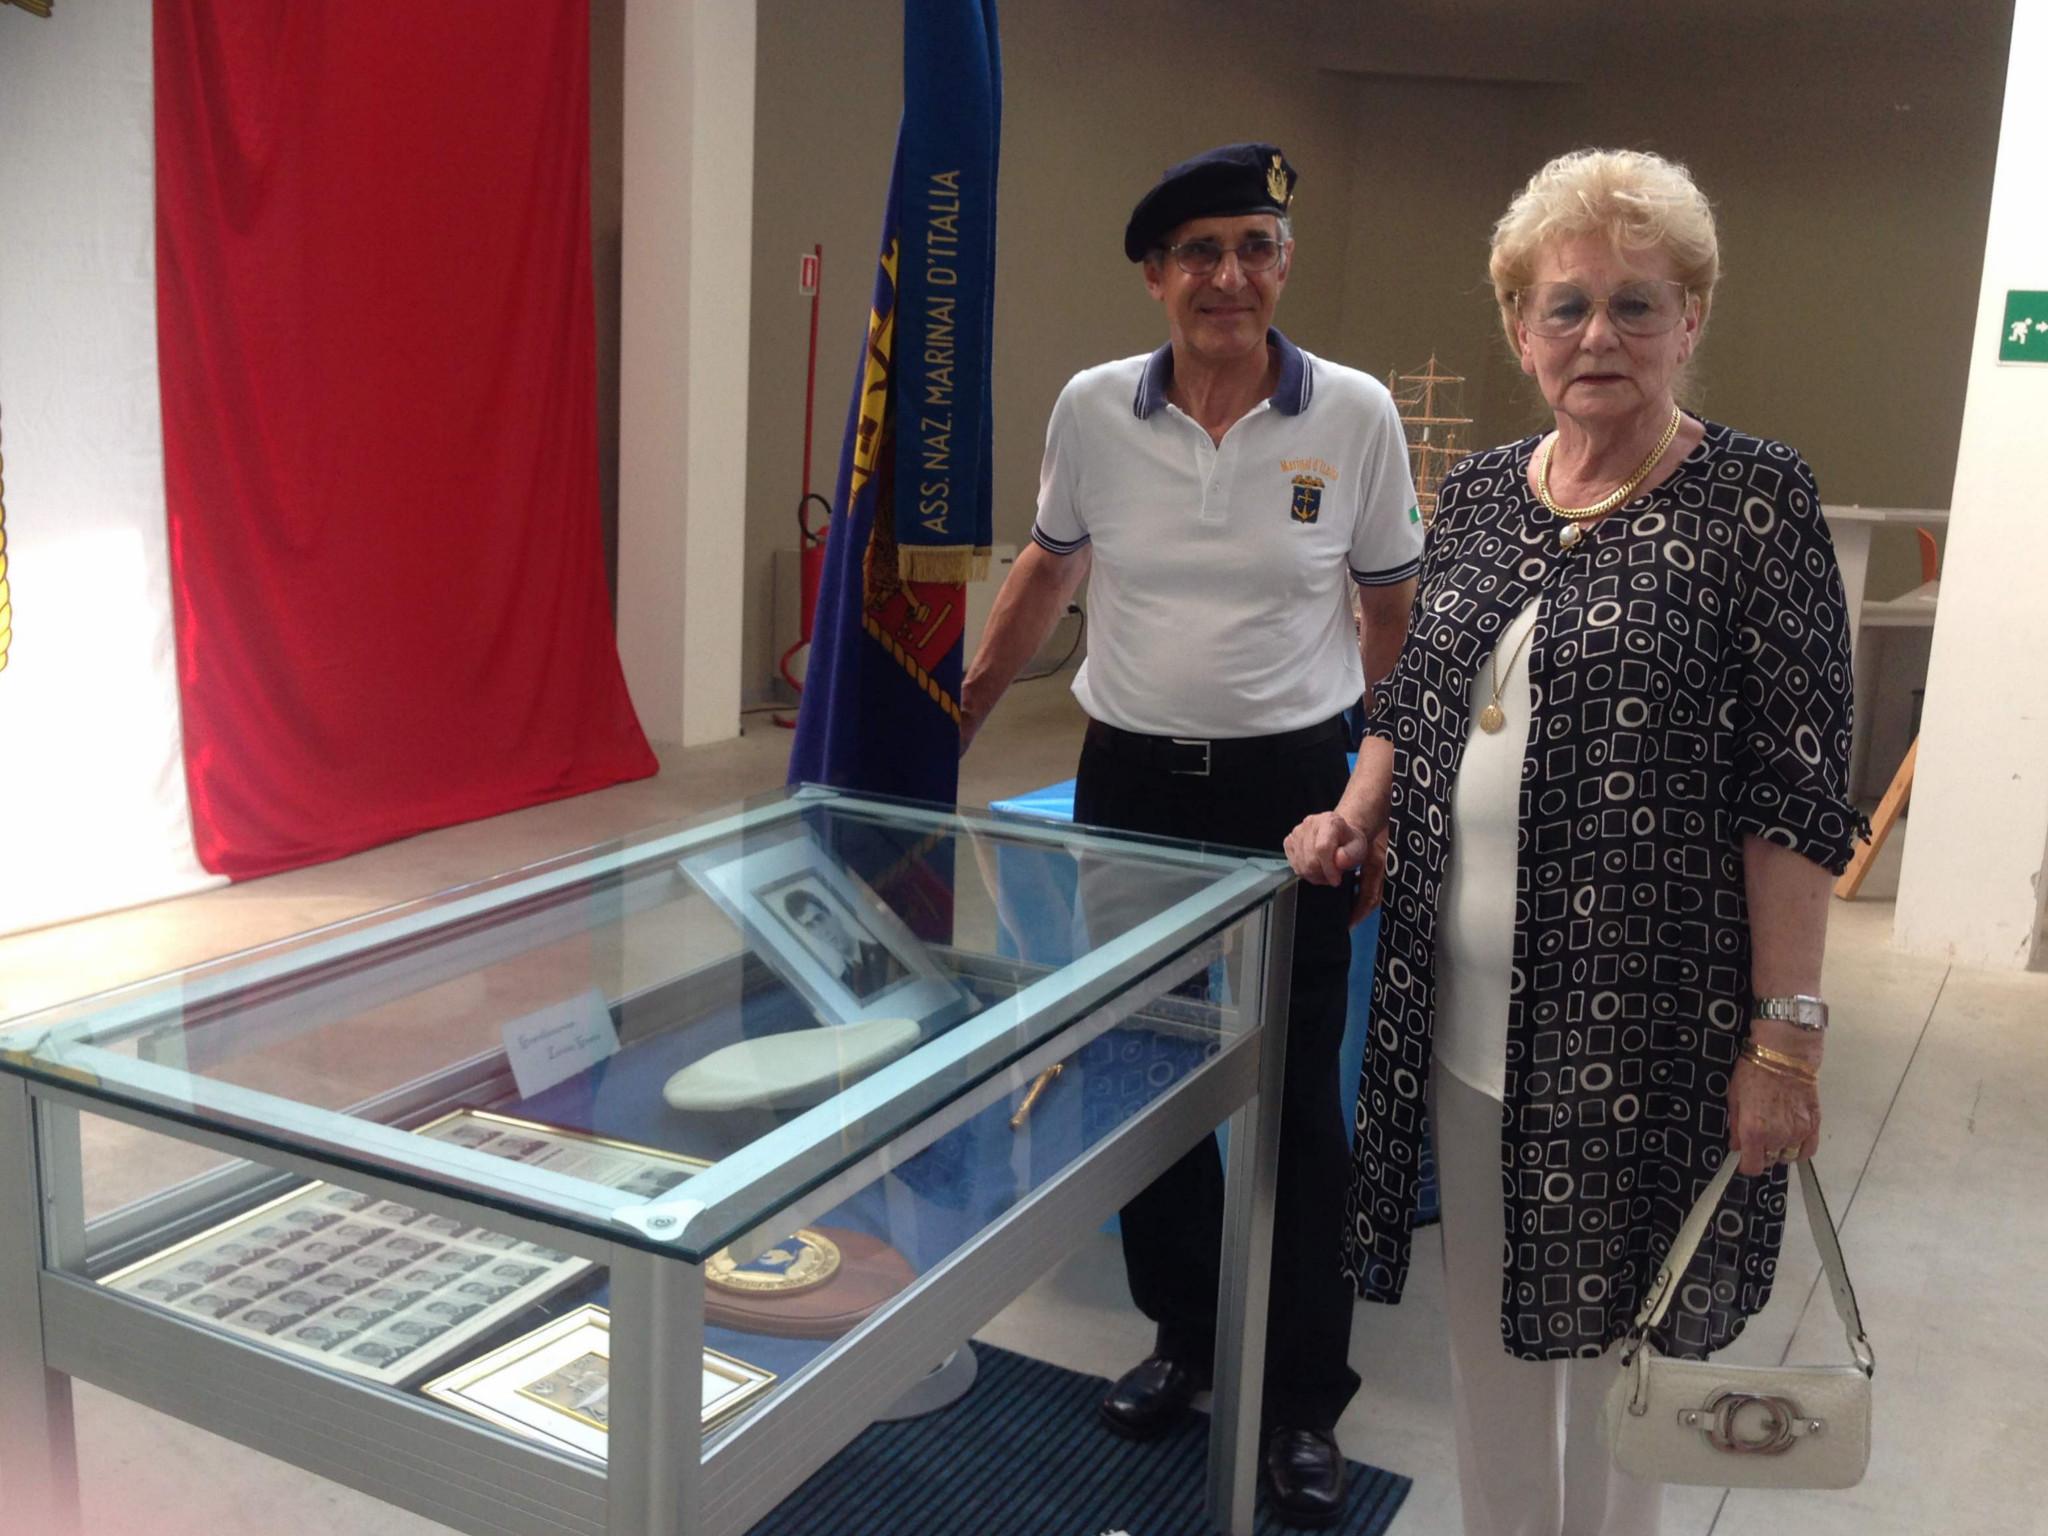 You are browsing images from the article: Commemorazione del Quarantesimo a Schio 23.06.17